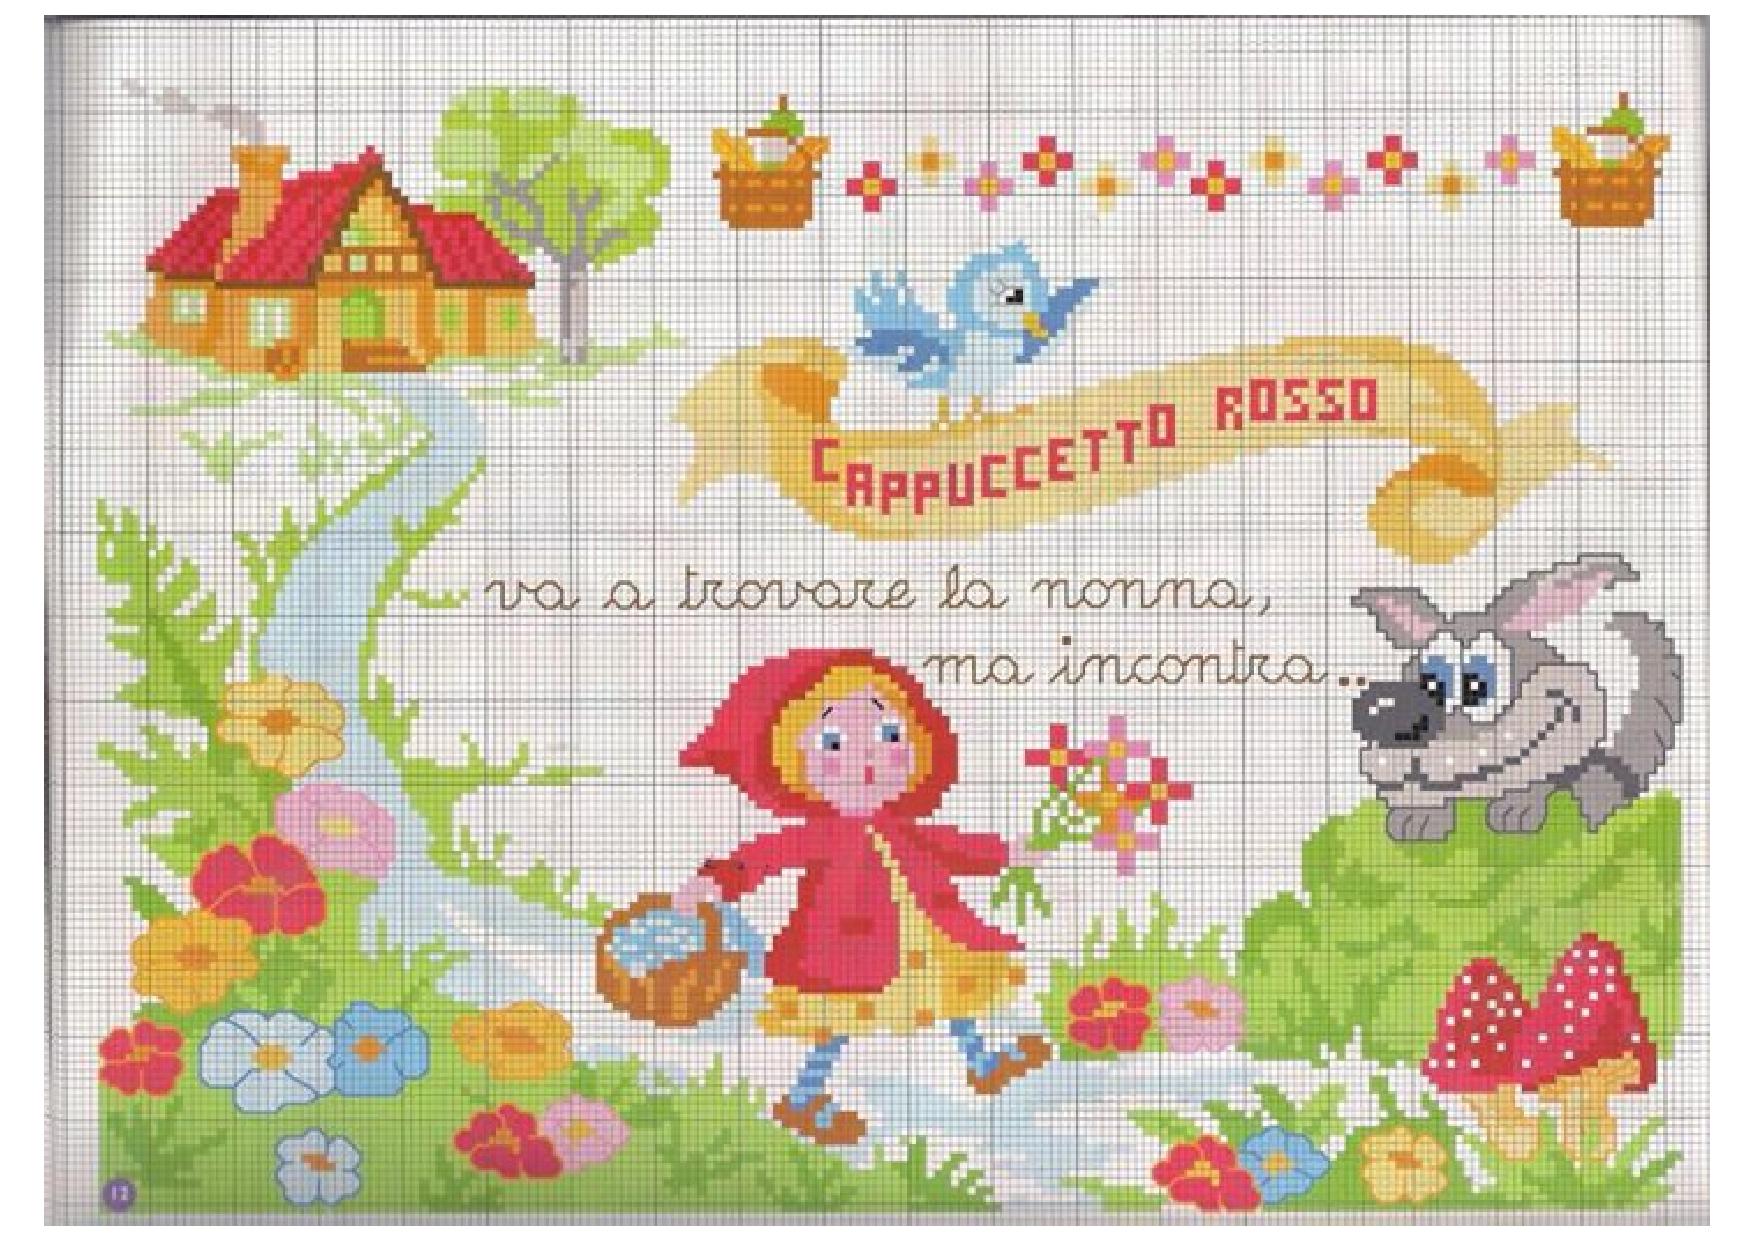 Fiaba cappuccetto rosso schema punto croce magiedifilo for Schemi punto croce bambini gratis